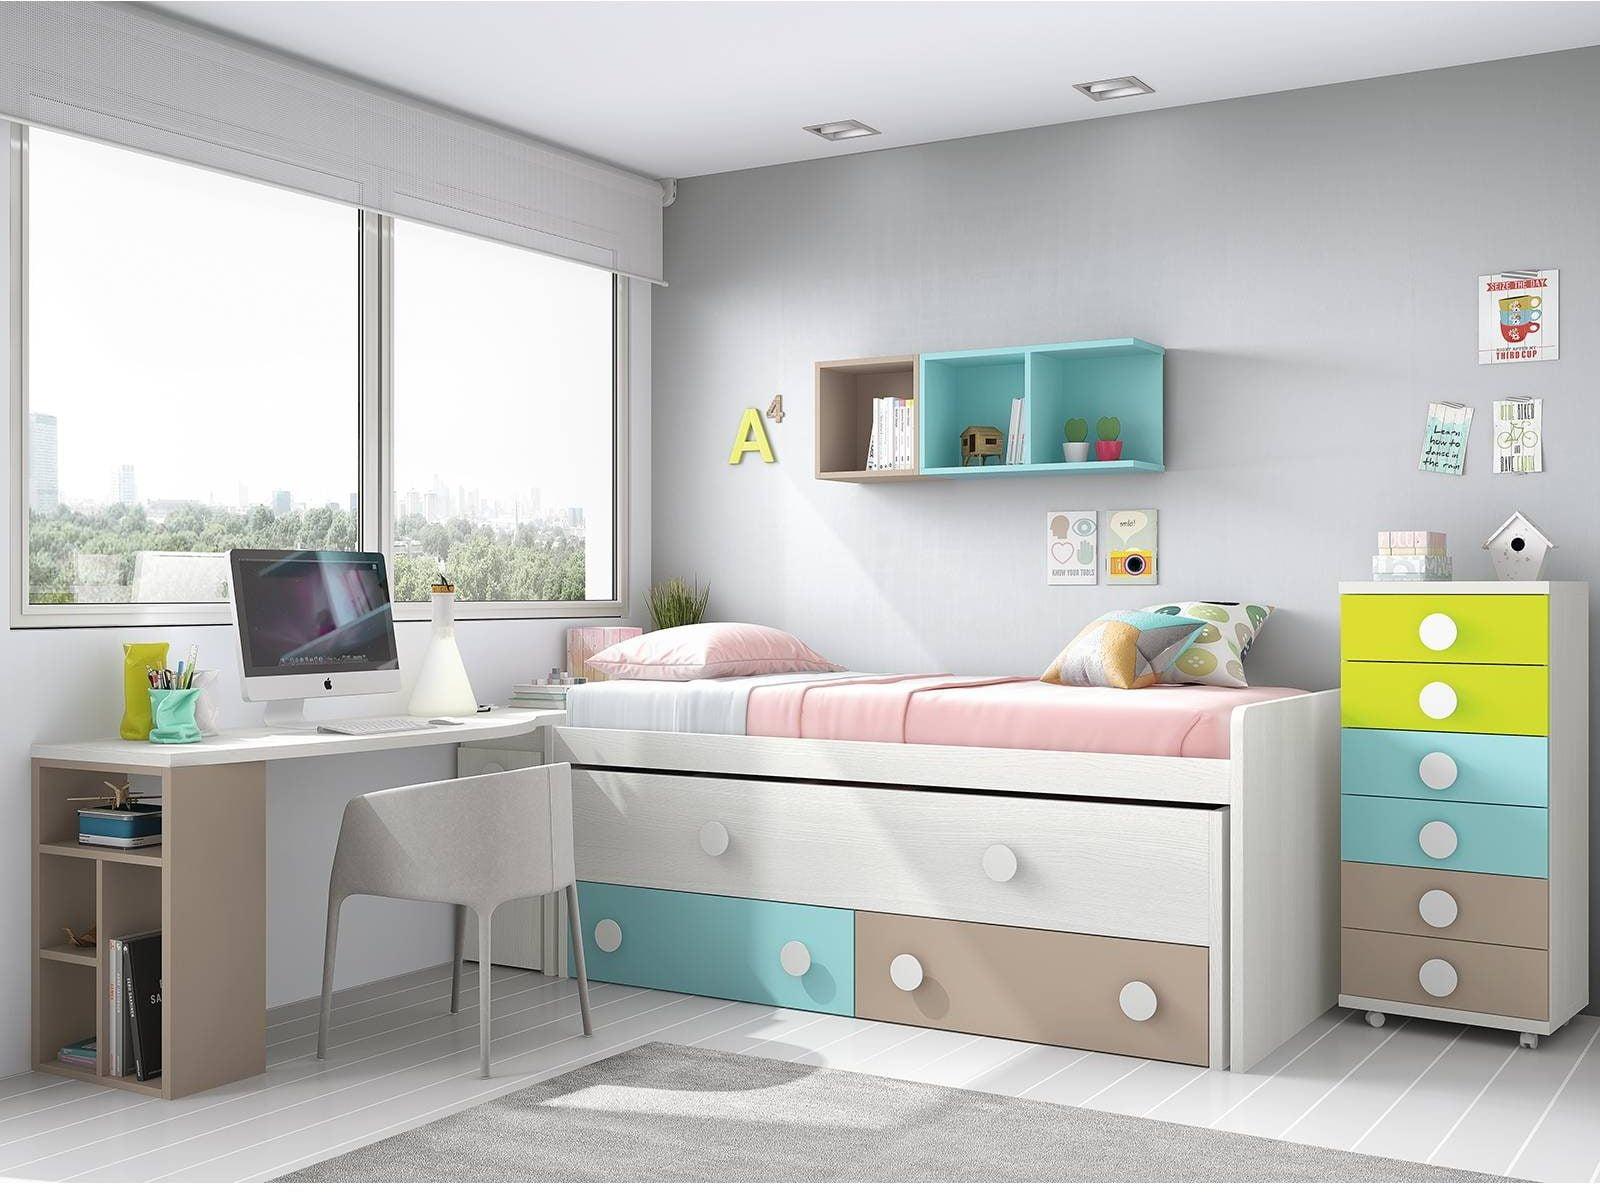 Los 5 Mejores Dormitorios Juveniles Con Cama Nido En